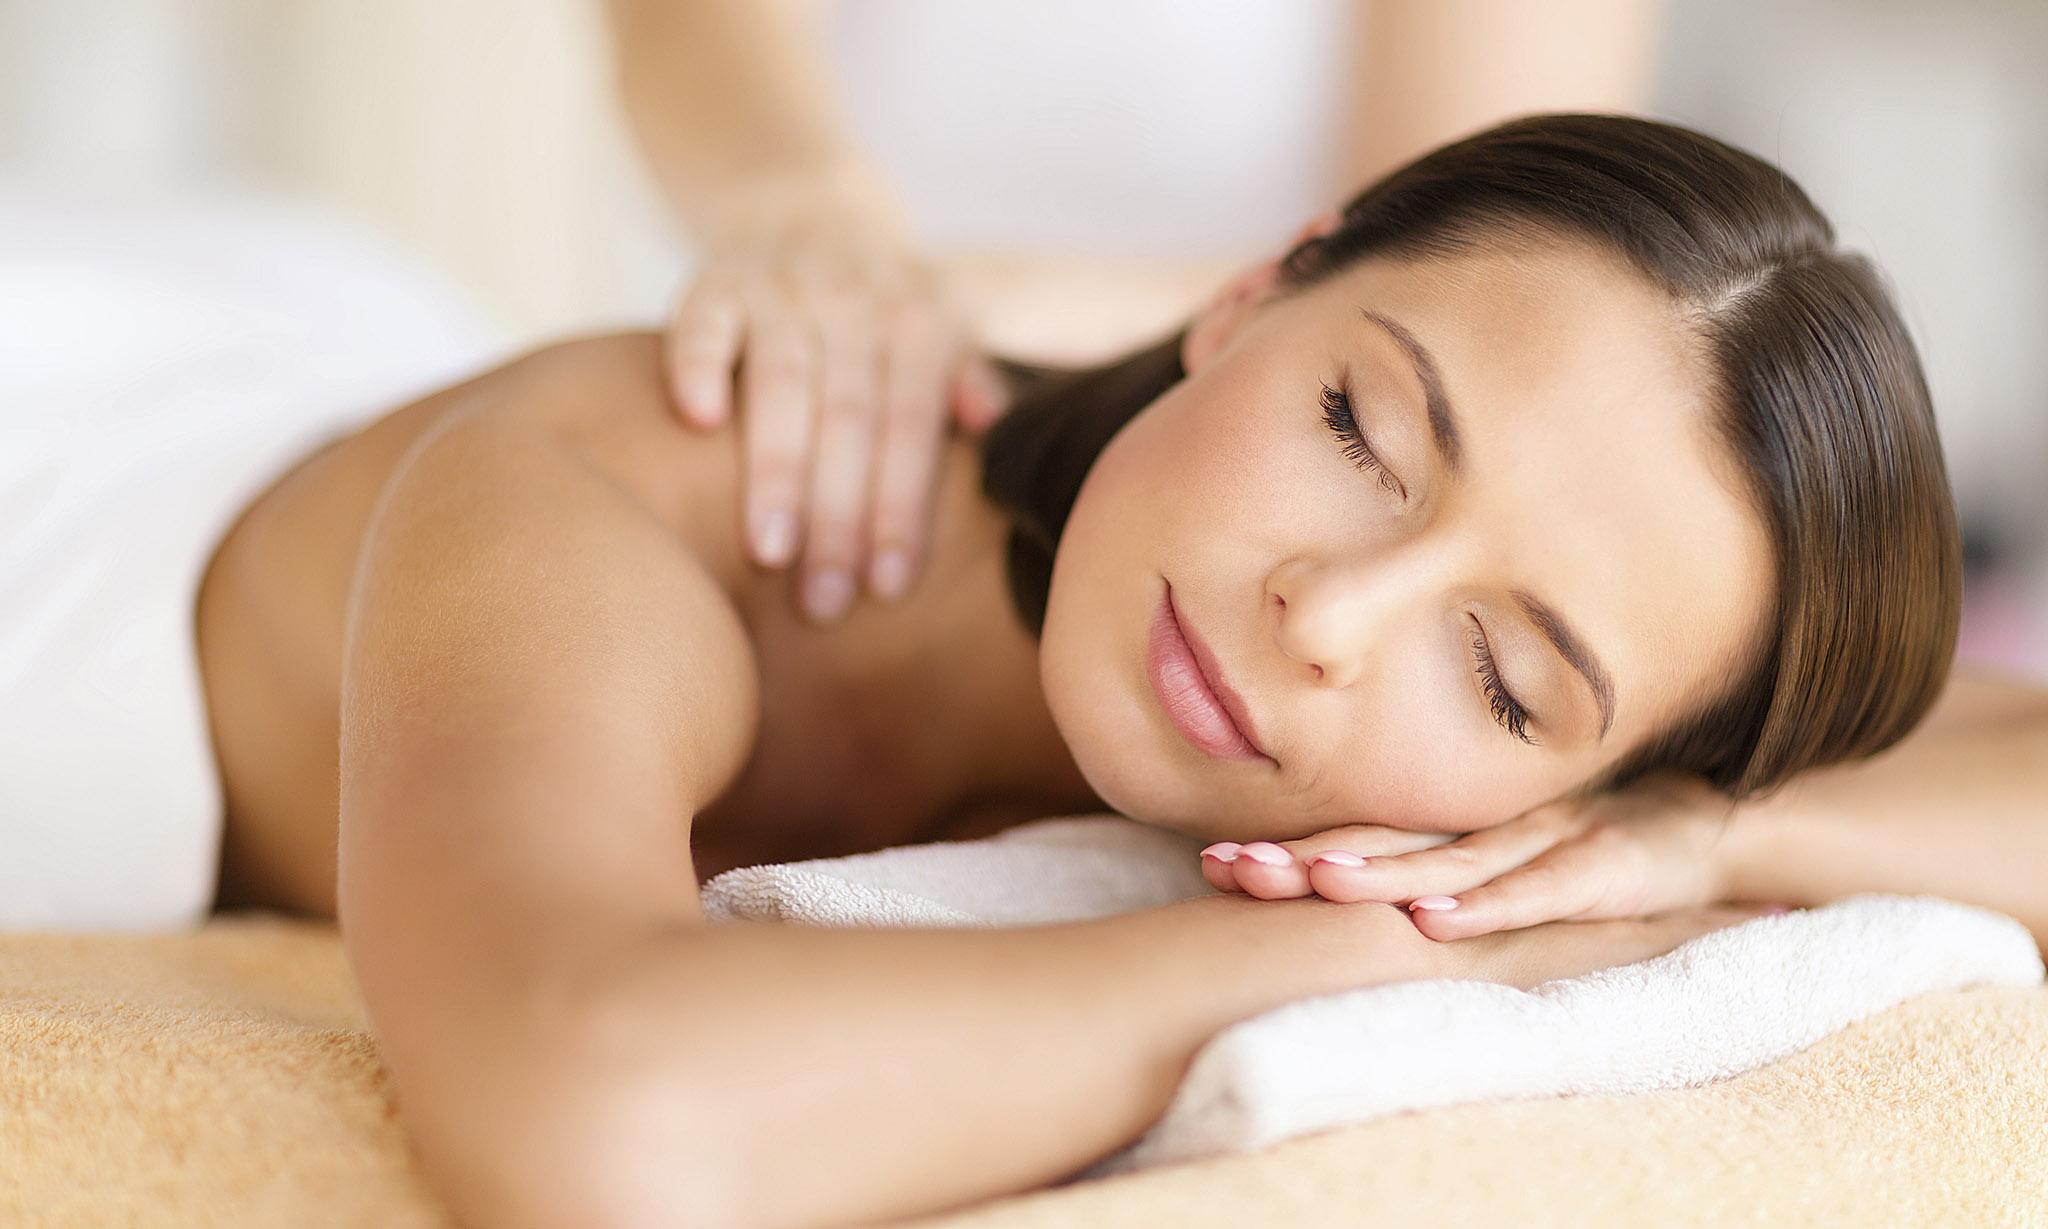 Смотреть онлайн malibu massag 3 фотография